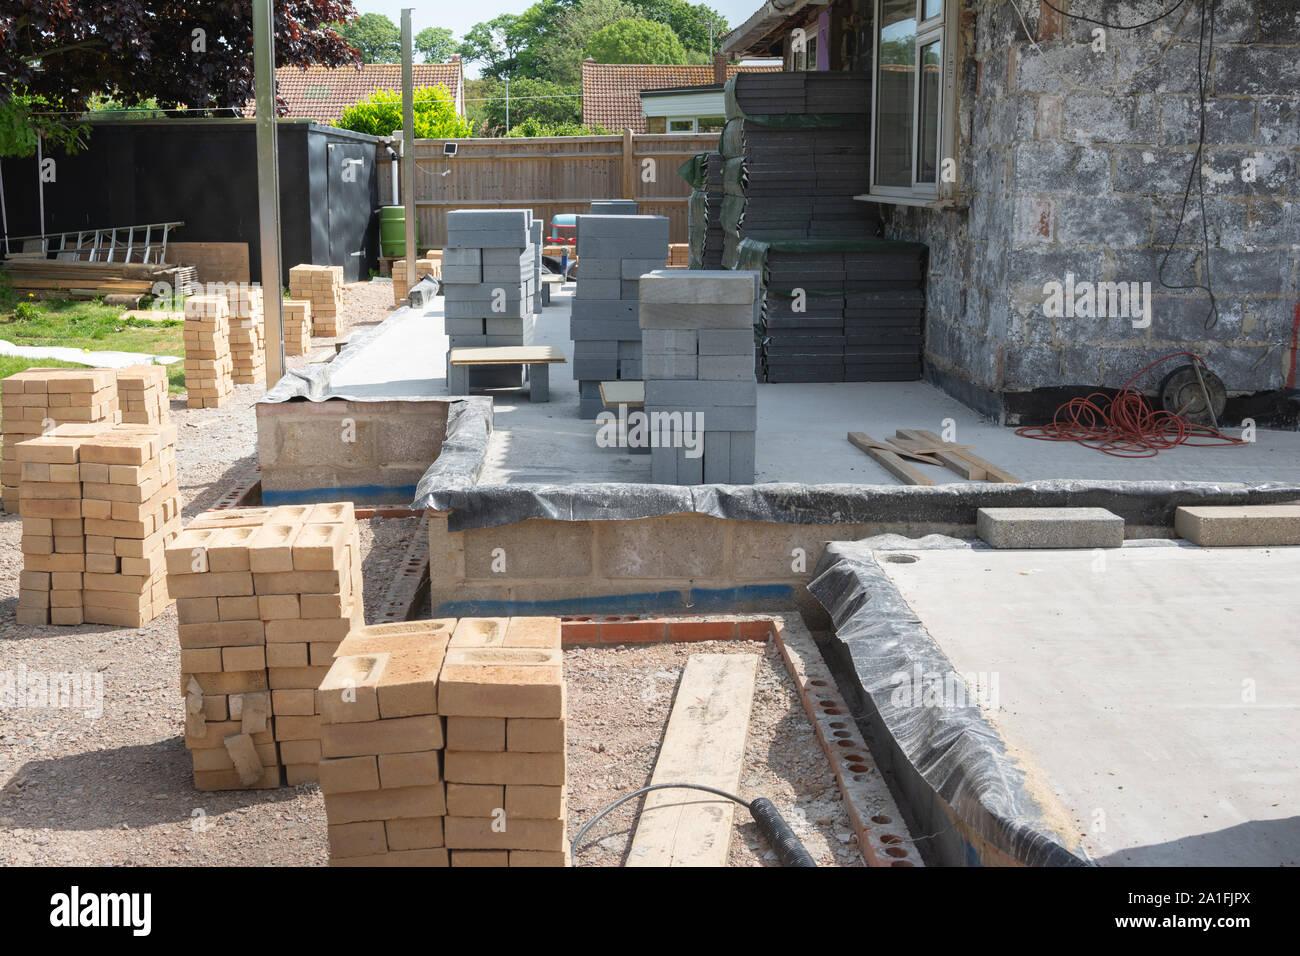 Les projets de rénovation. Construction d'extension de la maison existante, tas de briques et blocs, selective focus Banque D'Images